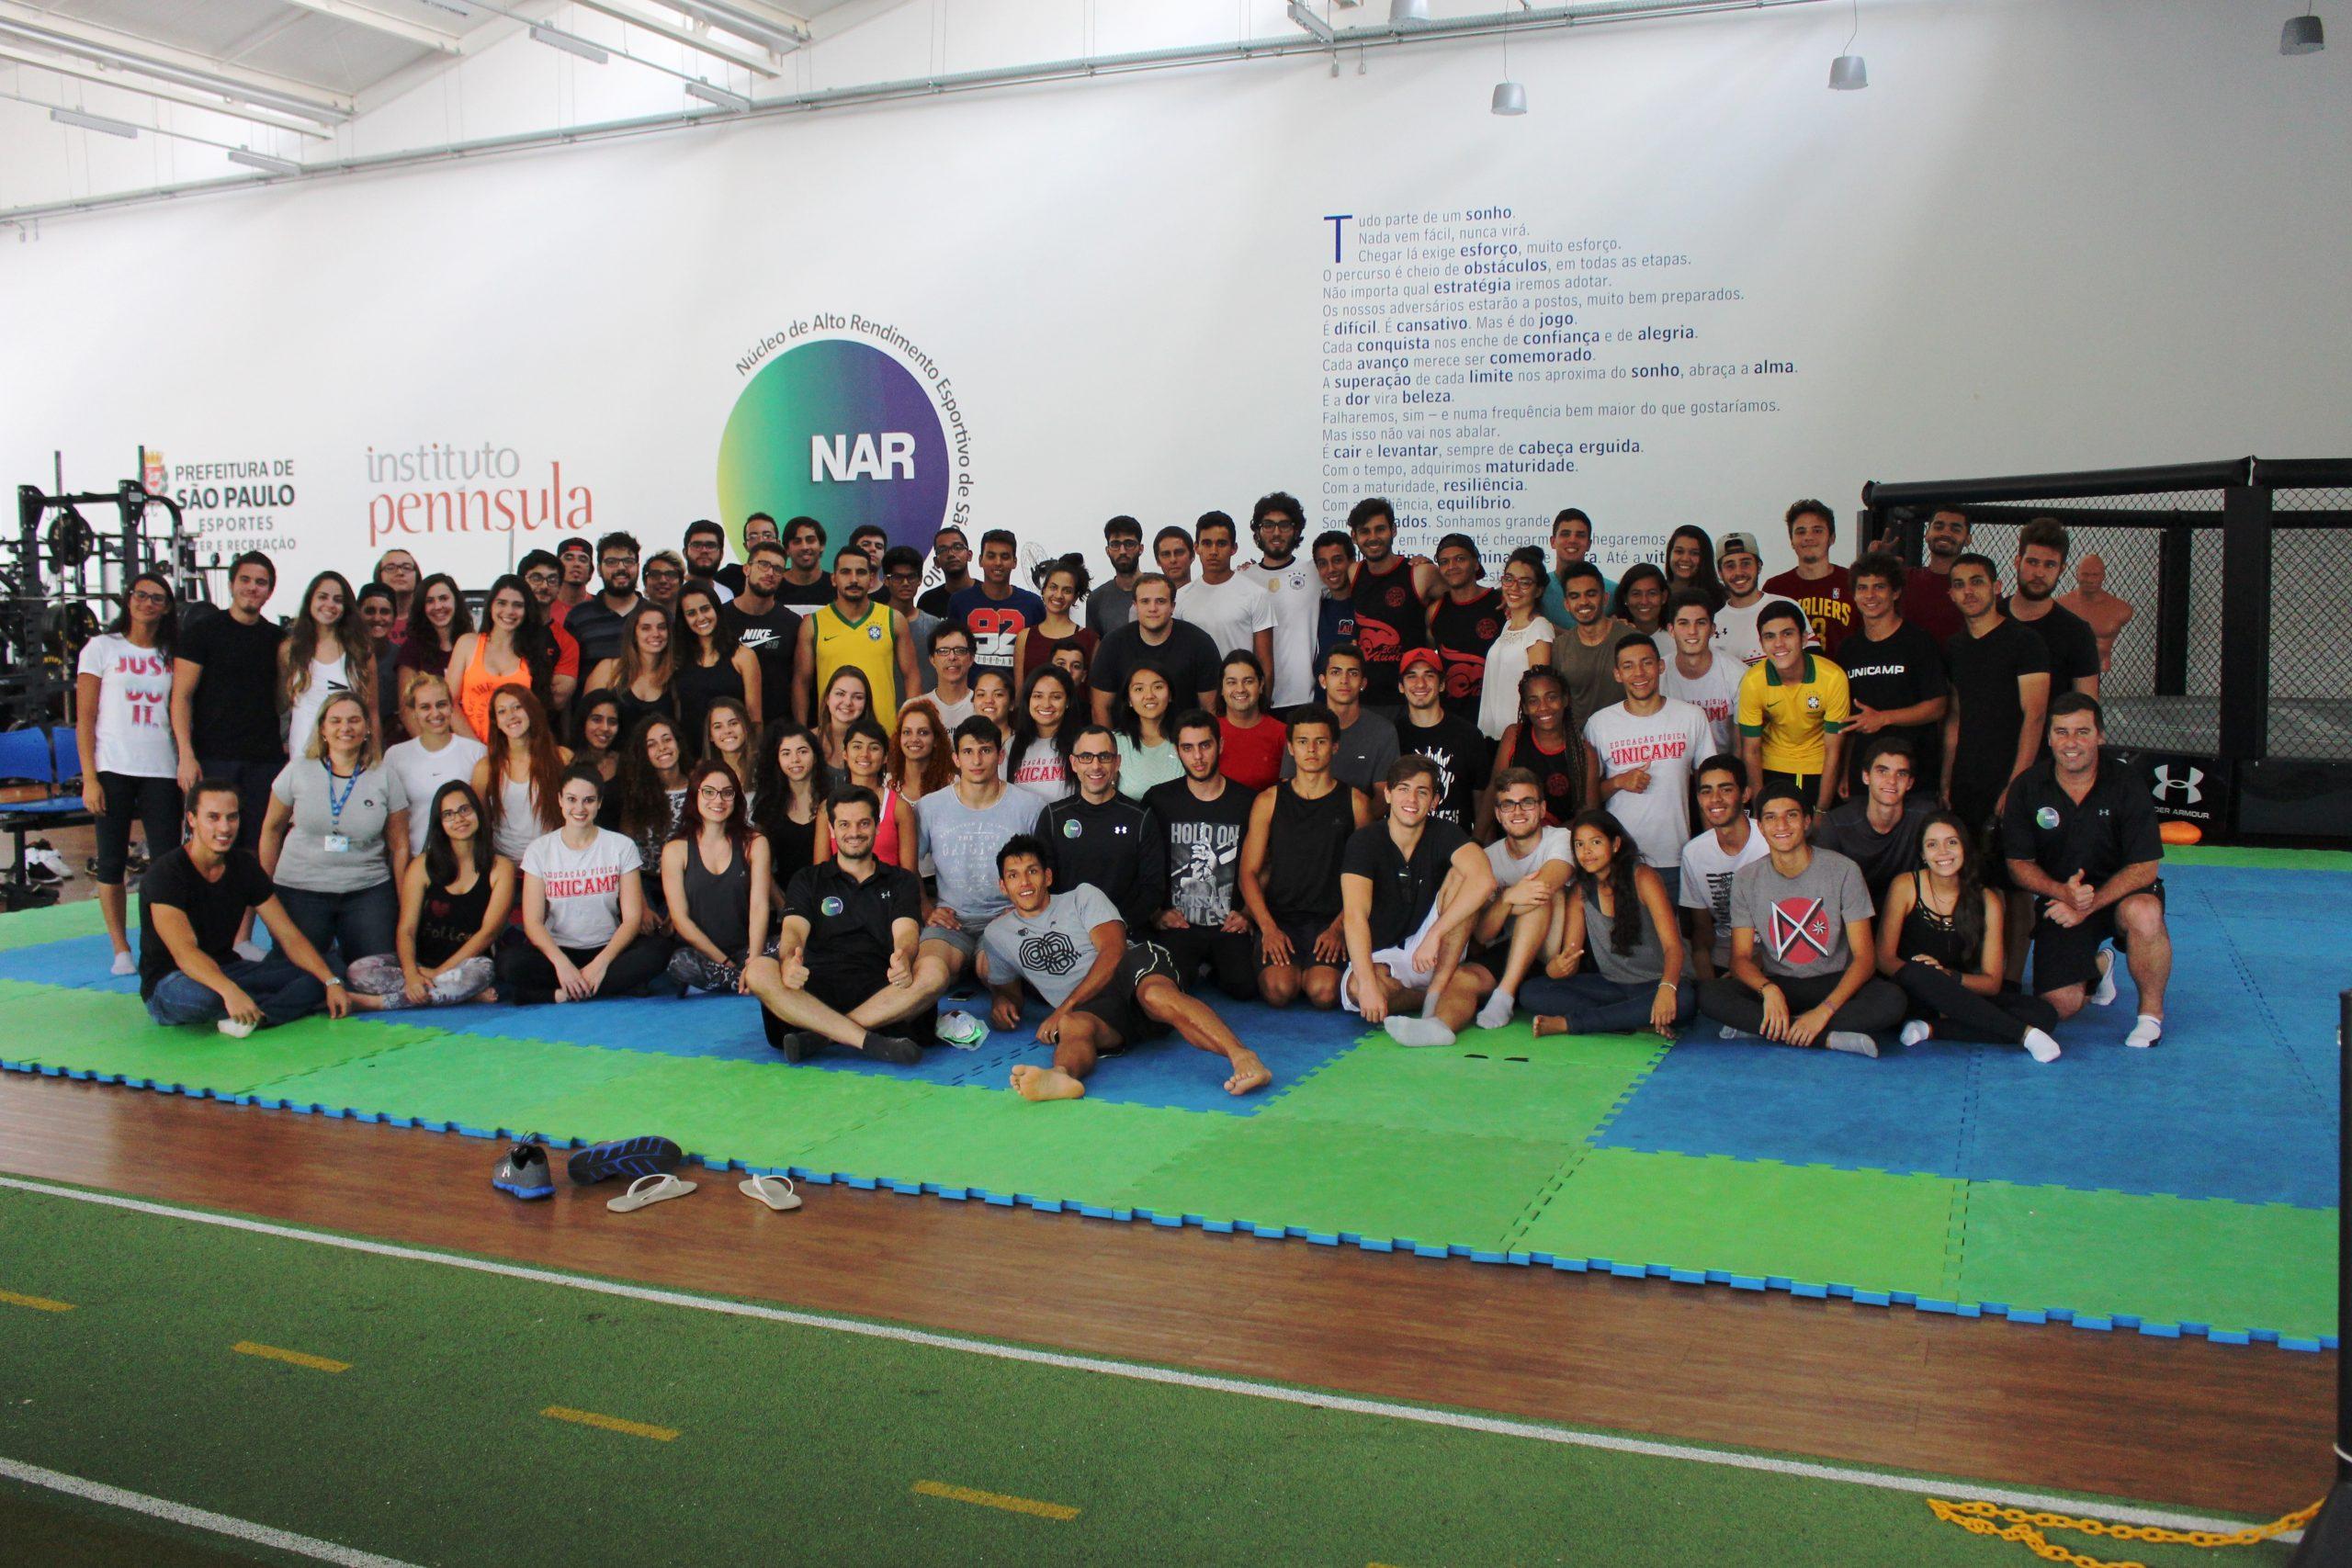 Alunos de Educação Física da FEF Unicamp visitam o NAR-SP